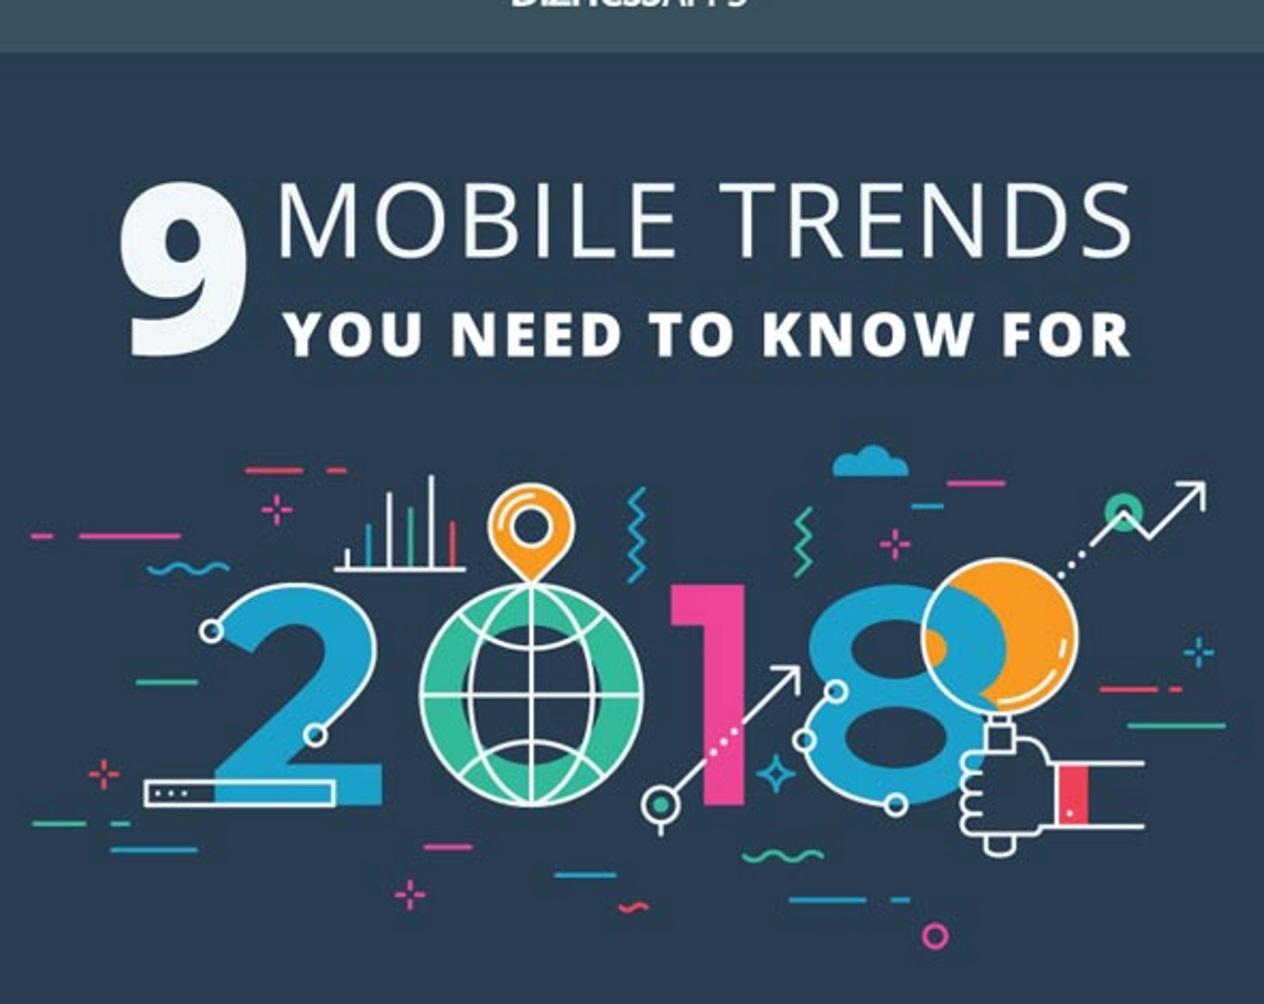 9 mobile trends waar je als marketeer echt niet om heen kan. Infographic